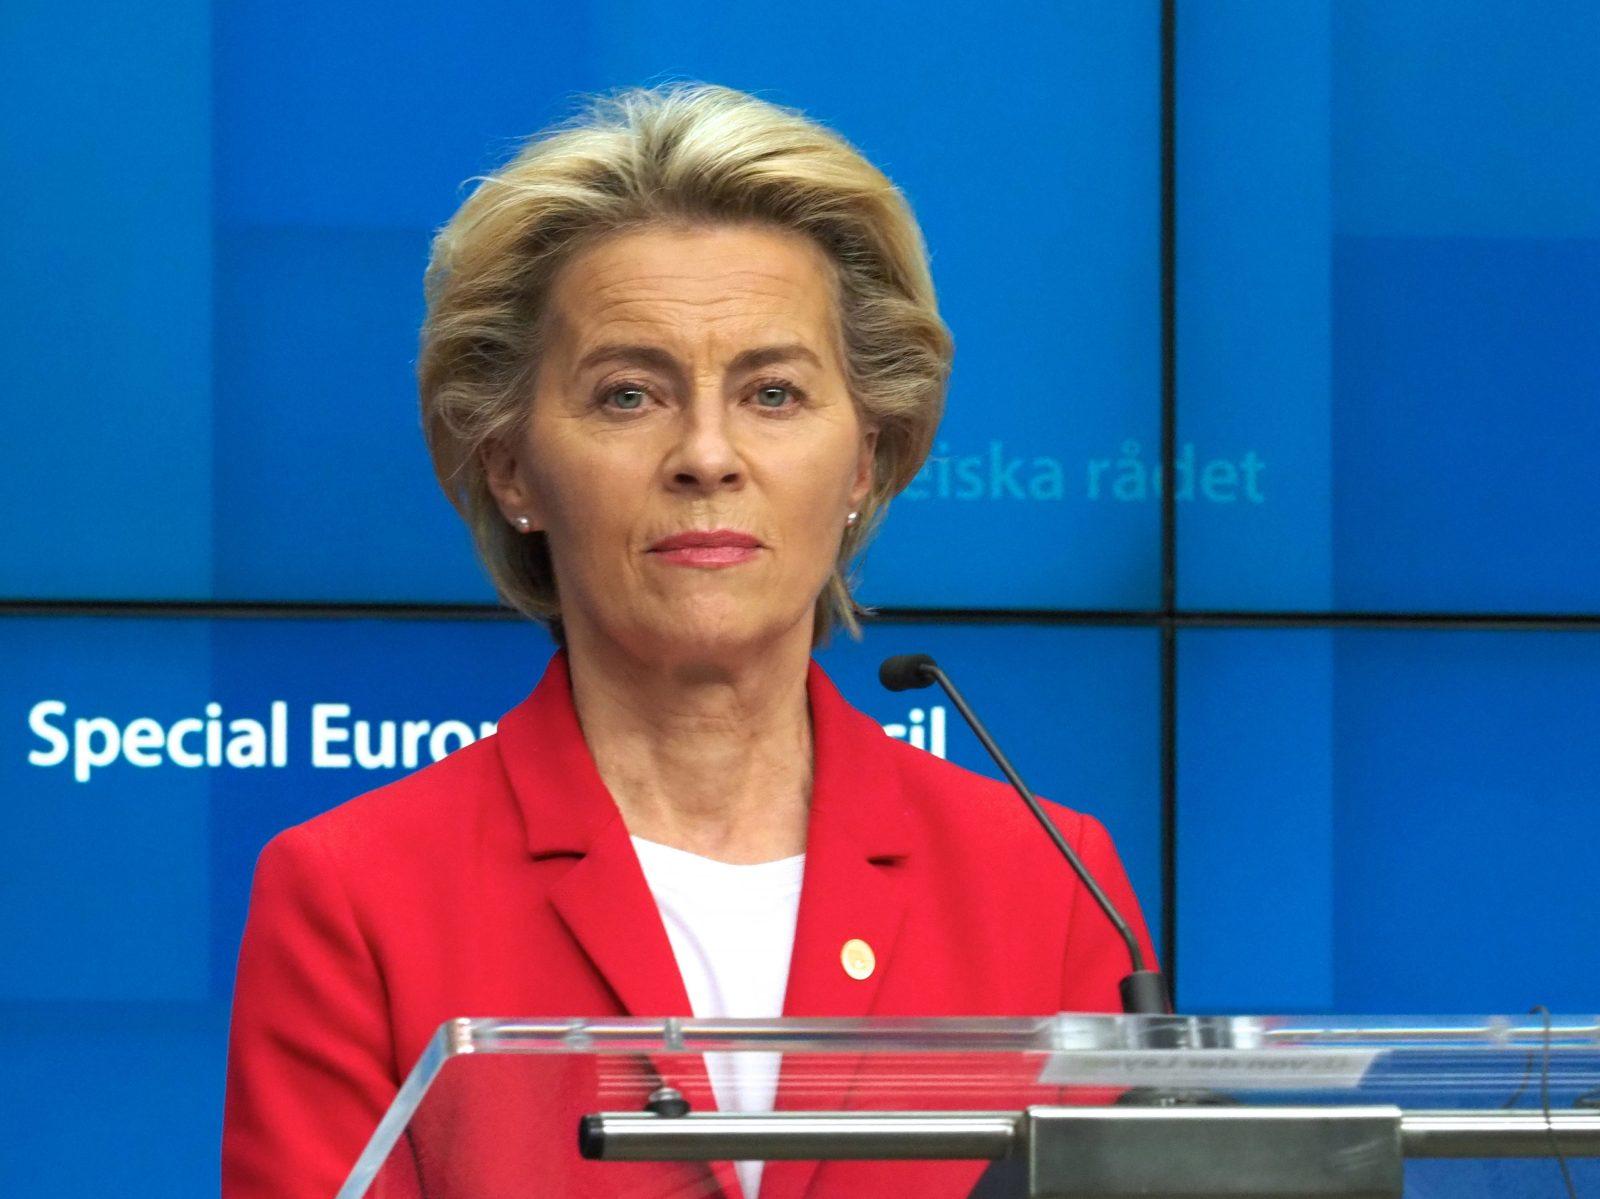 Die Pläne von EU-Kommissionspräsidentin Ursula von der Leyen (CDU) könnten sich als politische Totgeburt erweisen Foto: picture alliance / ROPI